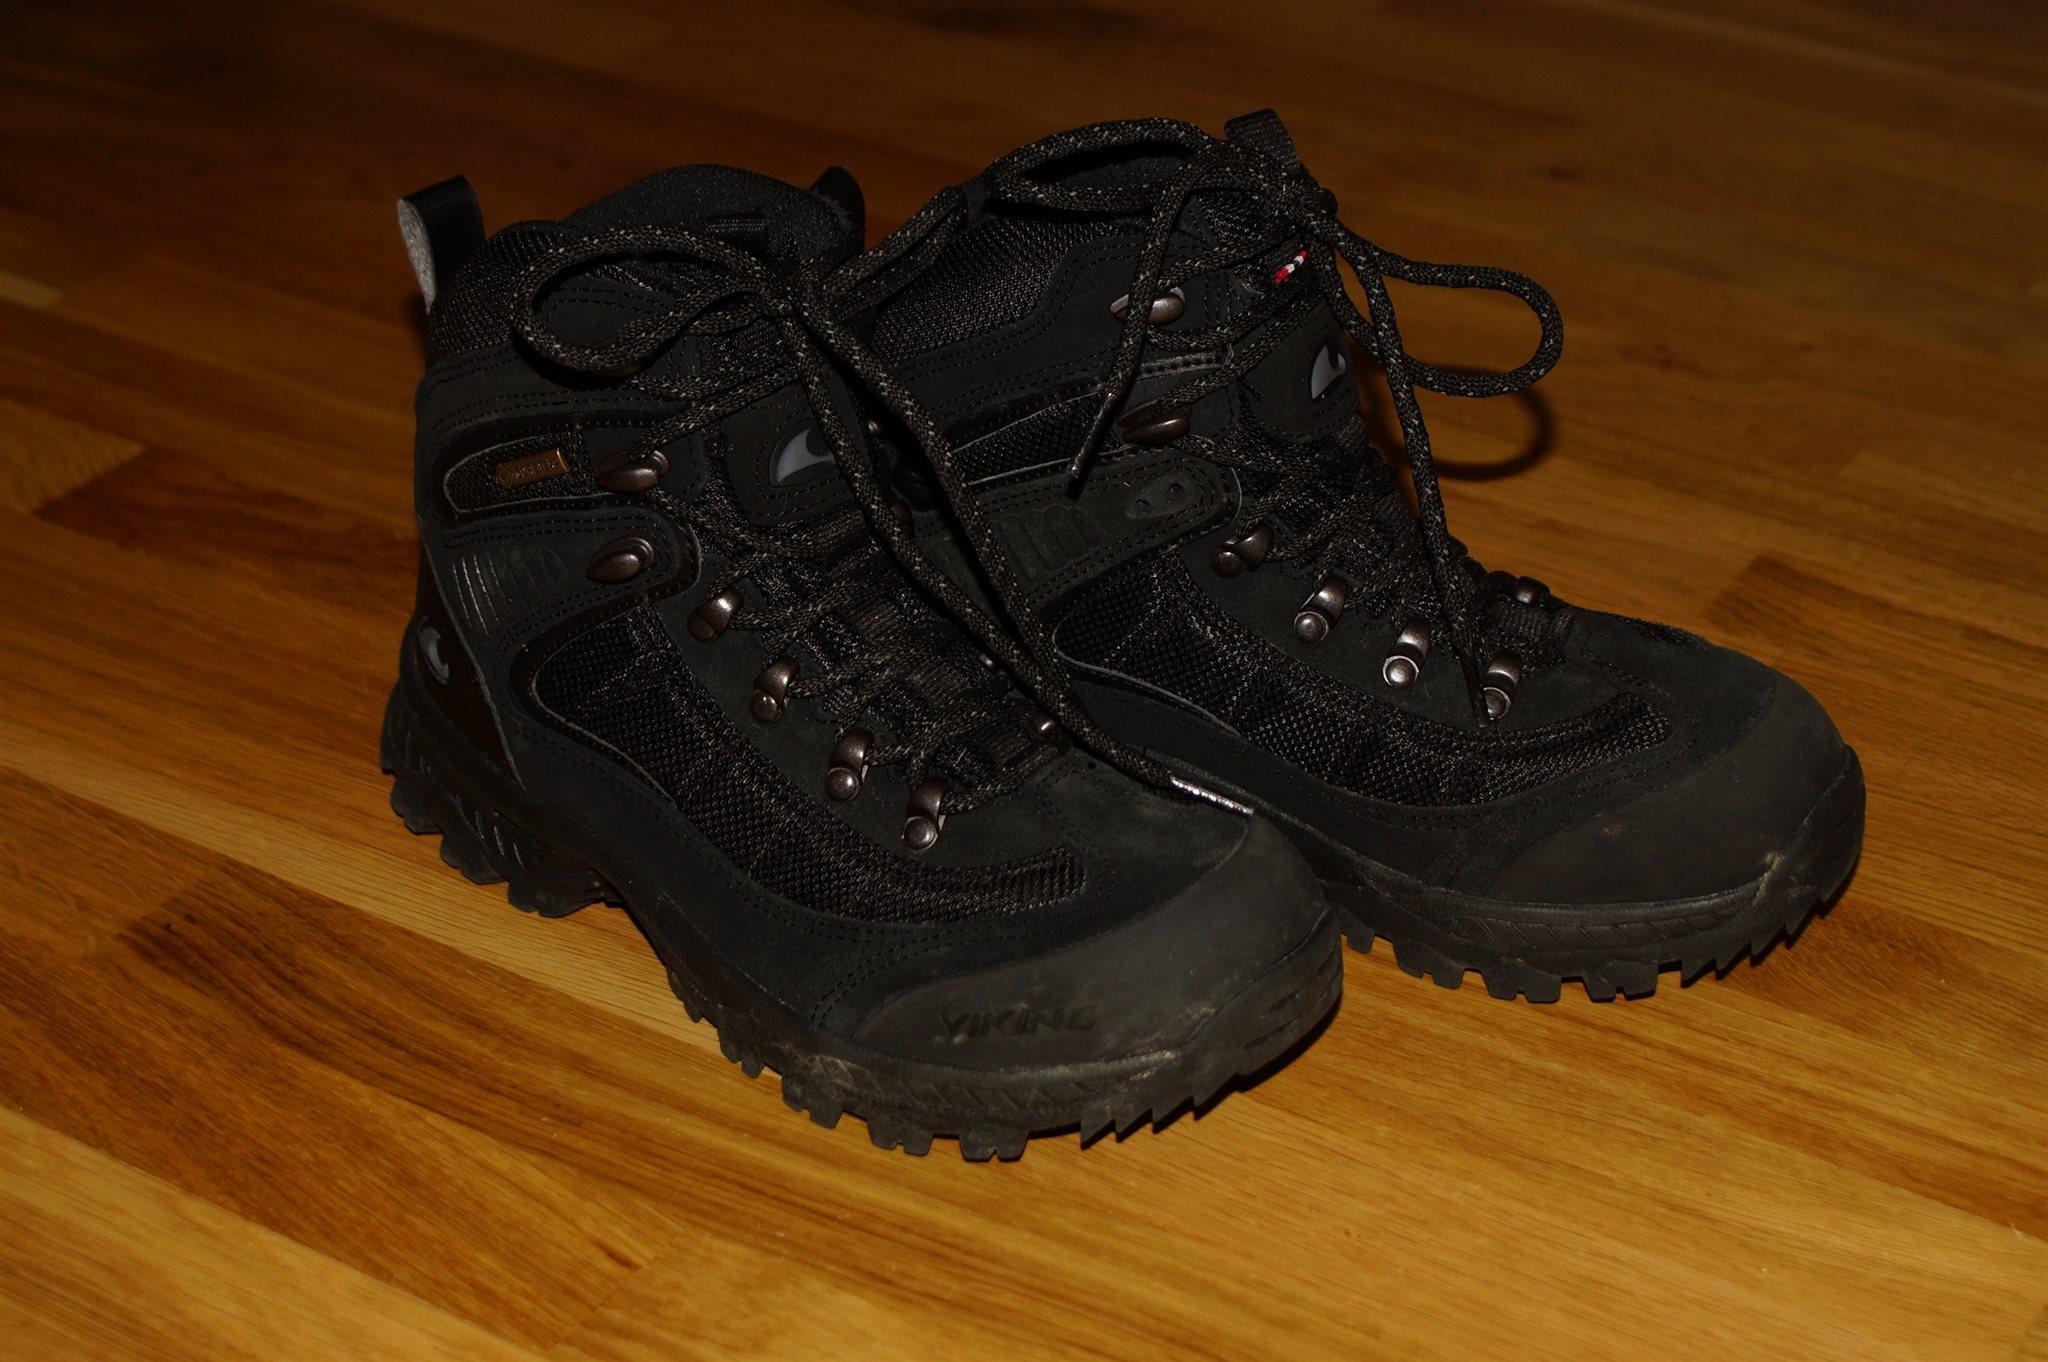 Kängor Viking st 39 Gore-Tex knappt använda vinter skor vinterskor stövlar  känga 8546776a520e9